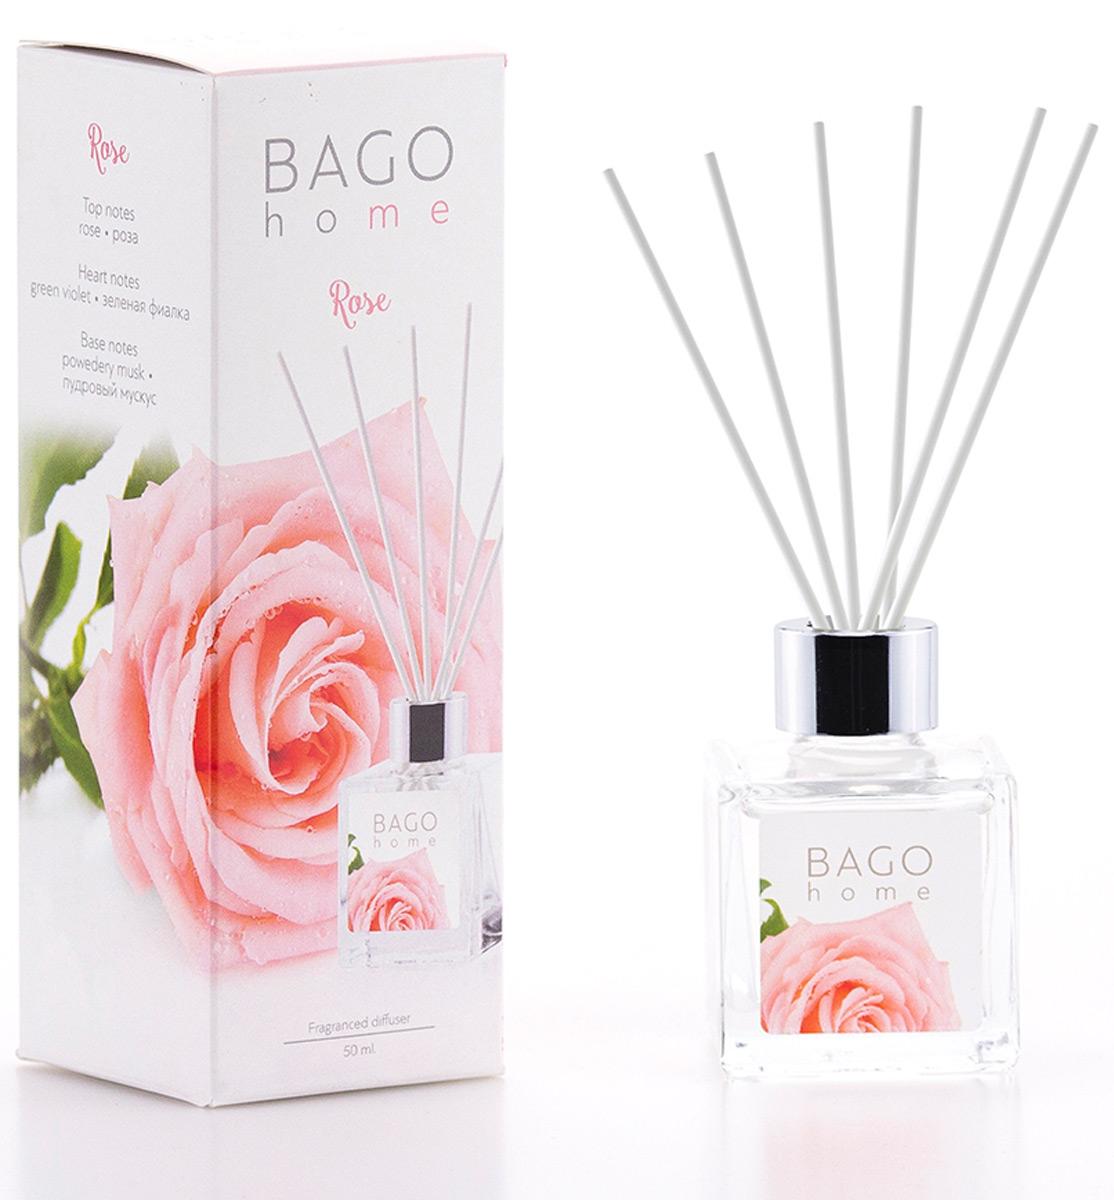 Мини-диффузор ароматический BAGO home Роза, 50 мл ароматический диффузор cristalinas premium для жилых помещений с ароматом магнолии 180 мл